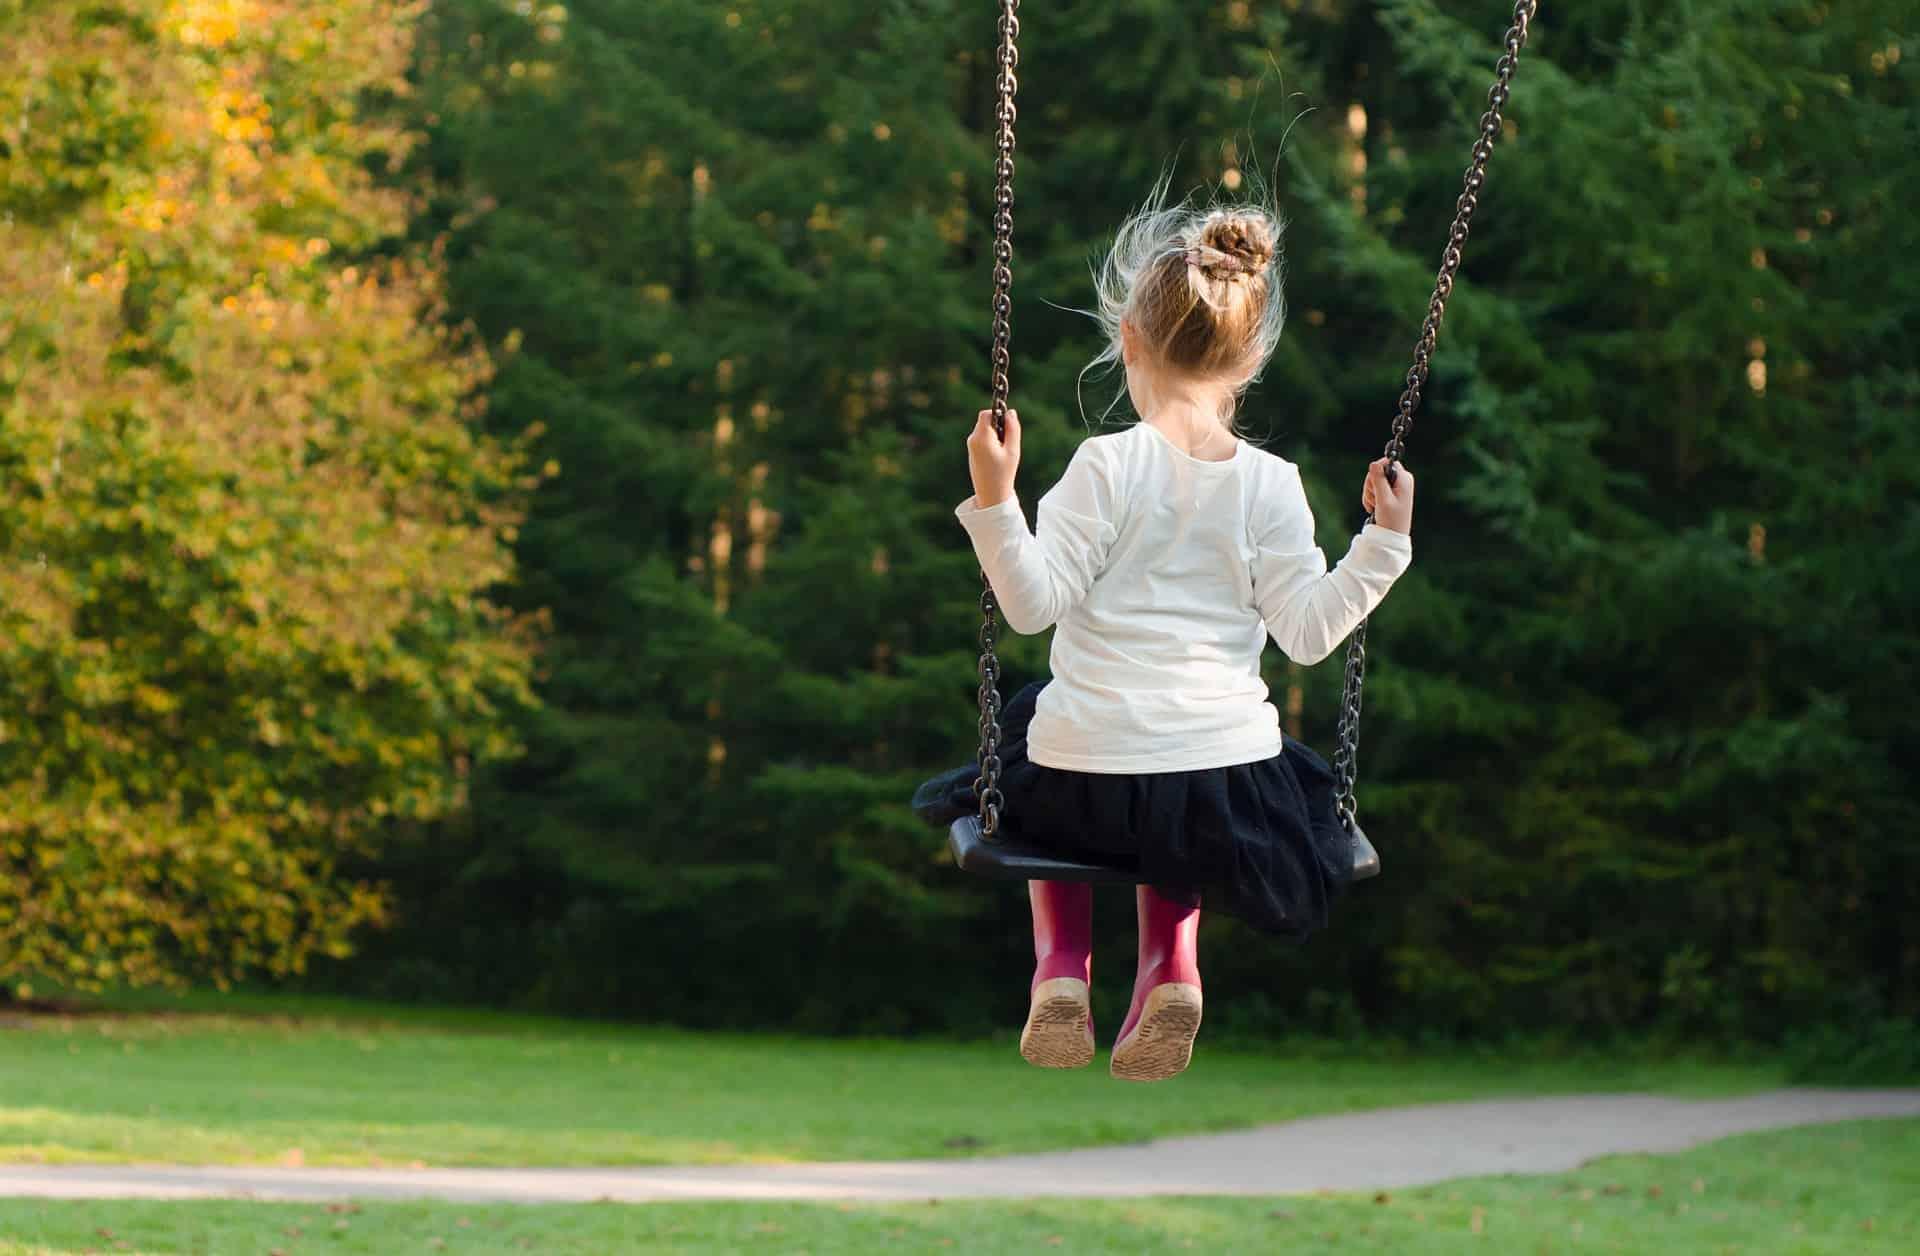 Balanço infantil: Qual o melhor modelo em 2020? | REVIEWBOX